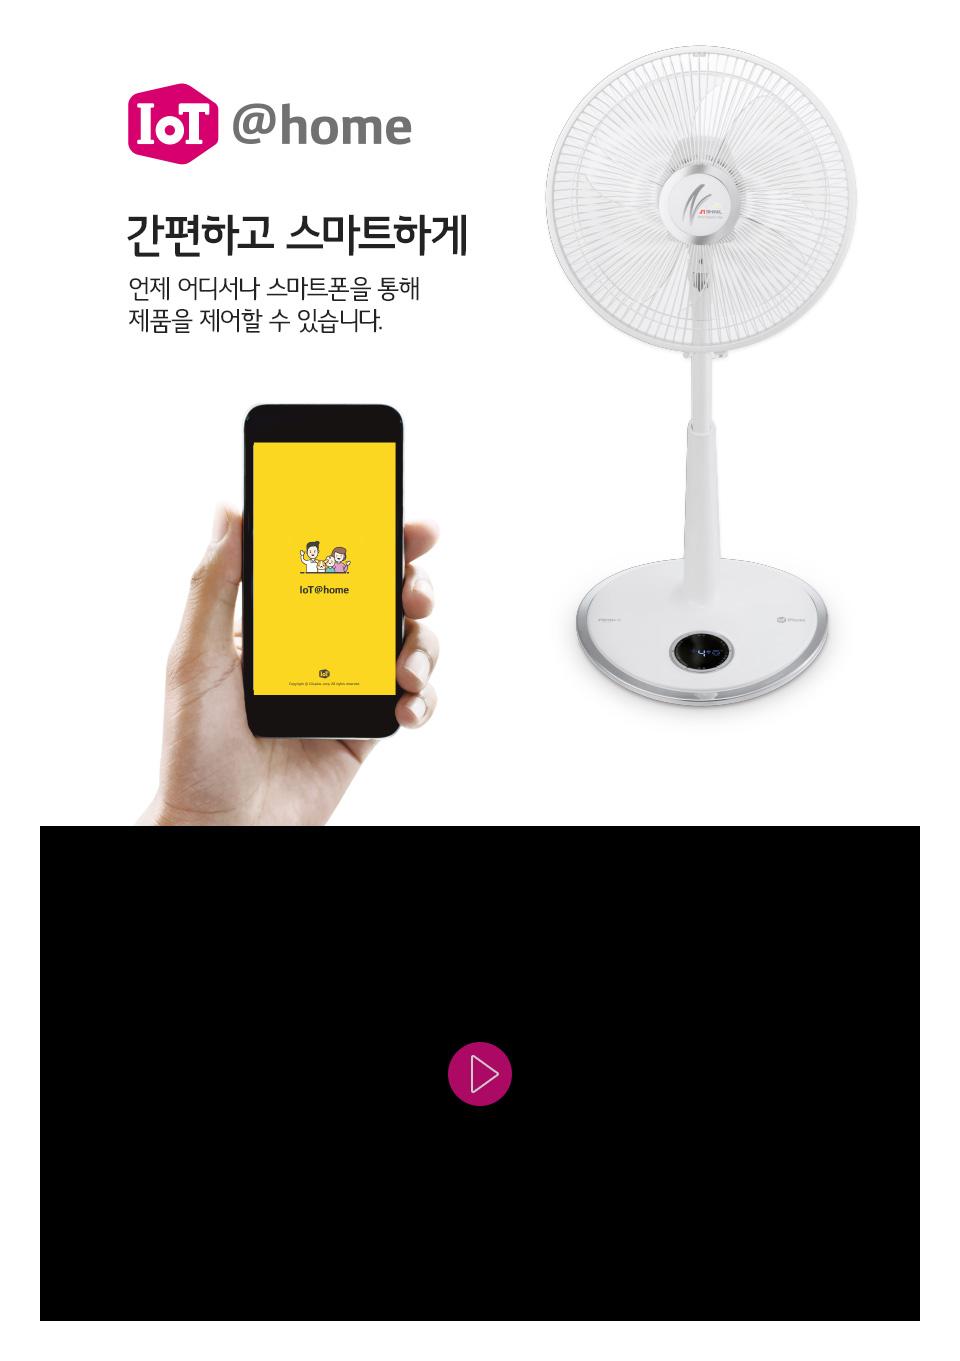 IoT@home 간편하고 스마트하게 언제어디서나 트마트폰을 통해 제품을 제어할 수 있습니다.